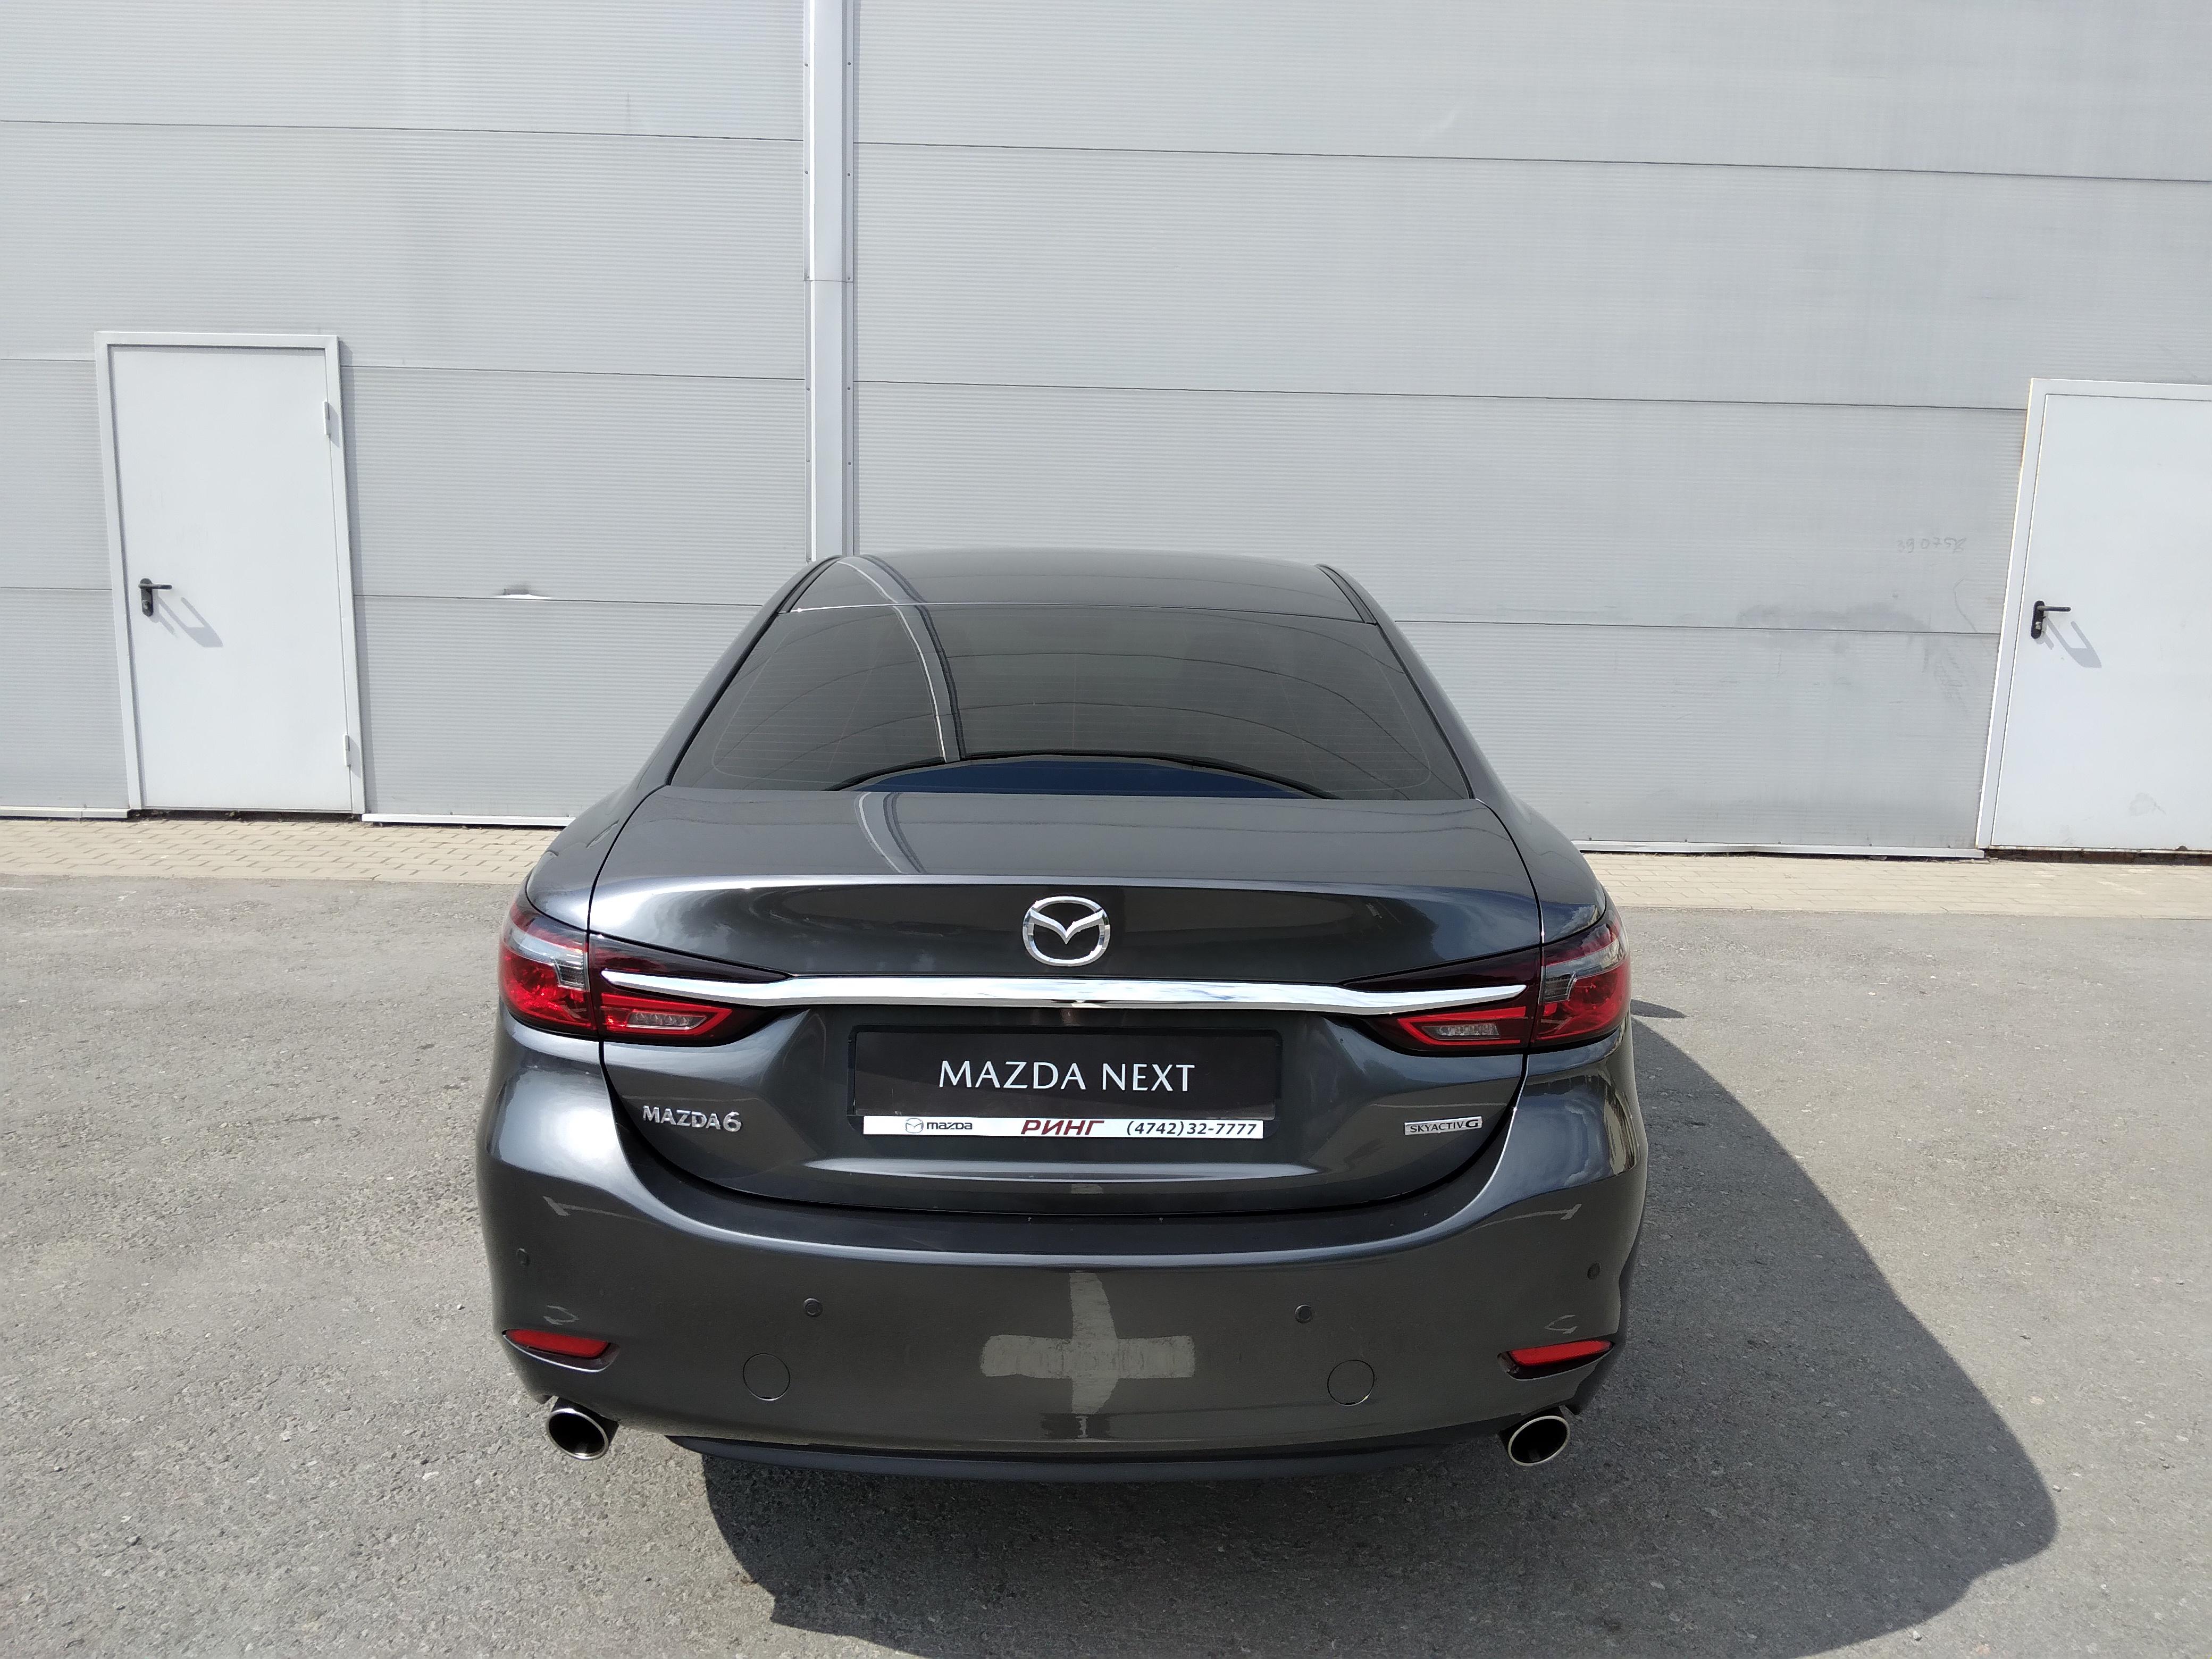 Mazda 6 Седан (2019г.)